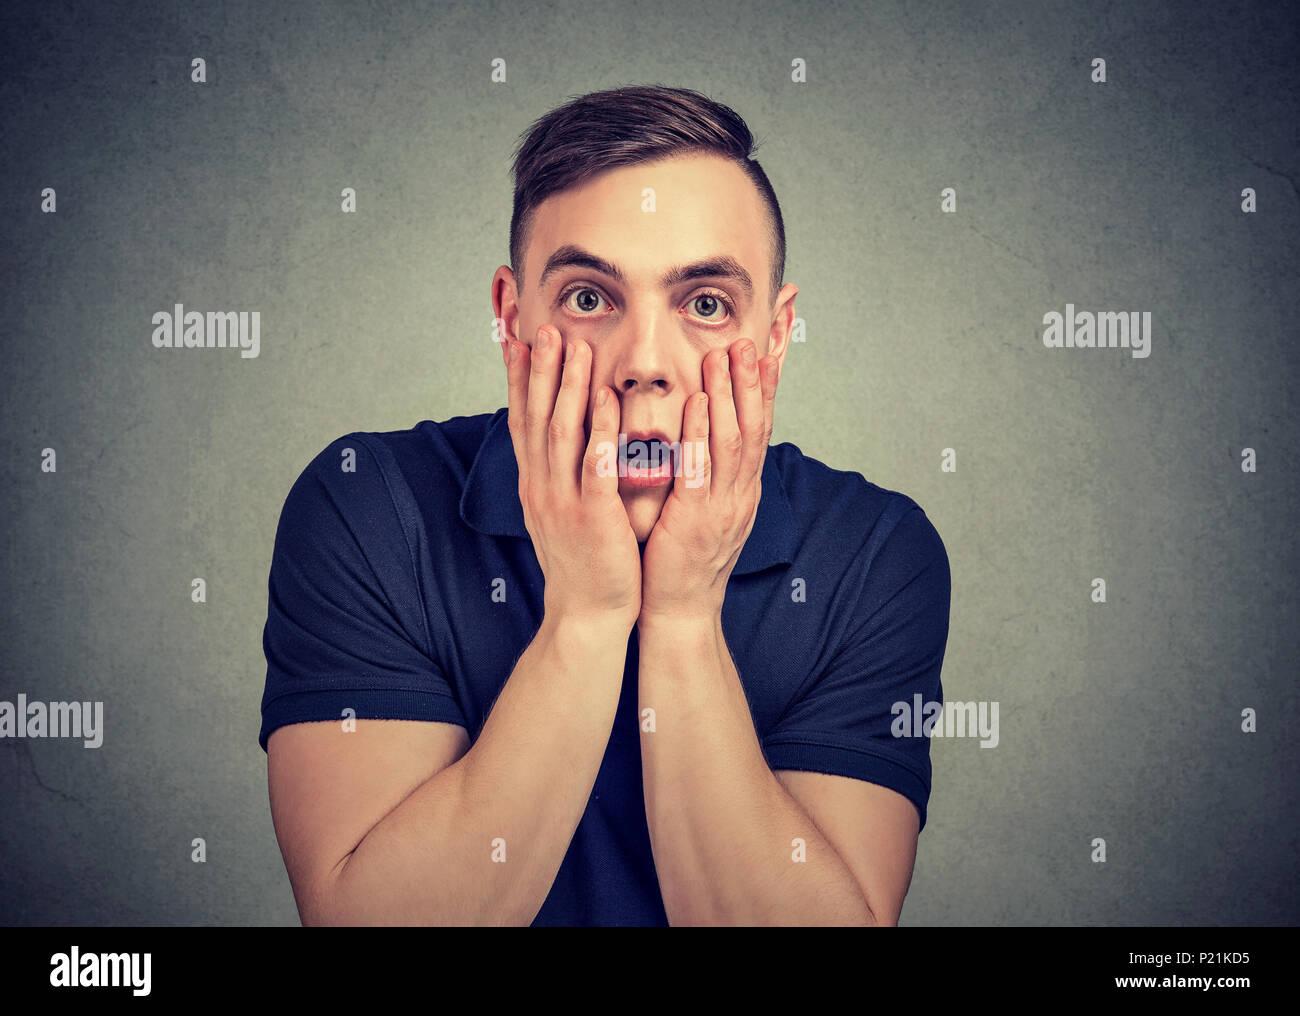 Young casual man face dans le désespoir qui posent sur le gris et à la recherche à l'appareil photo avec la peur. Photo Stock